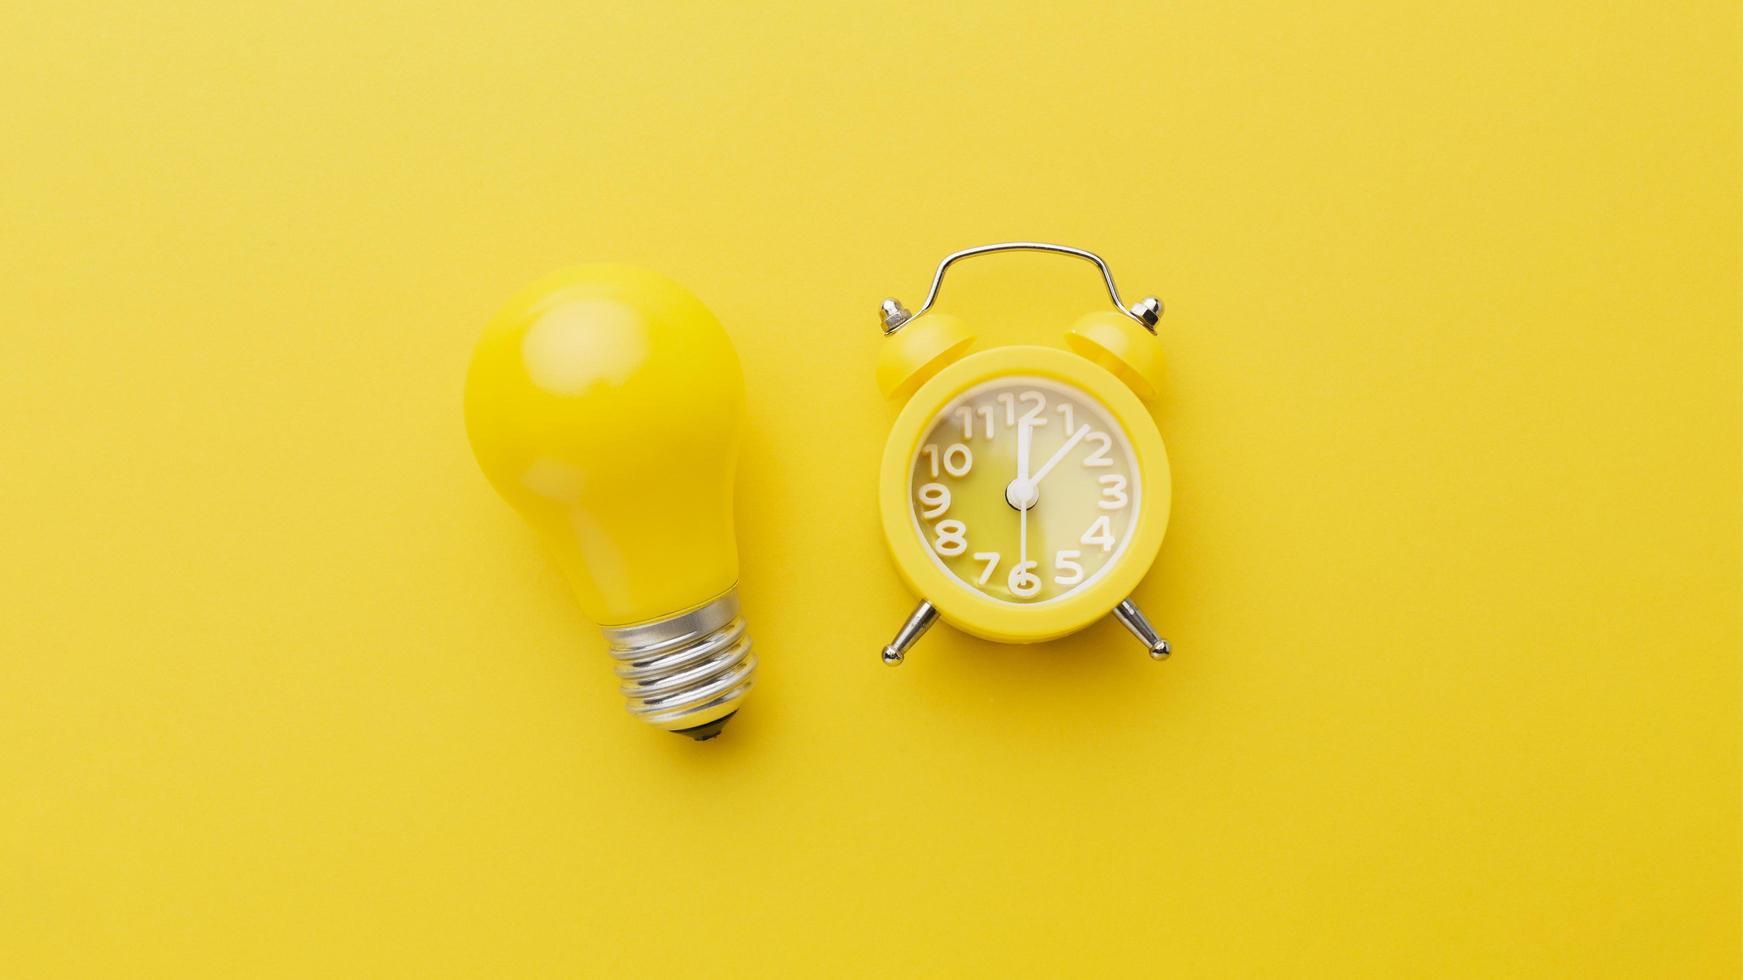 lampadina gialla e sveglia foto